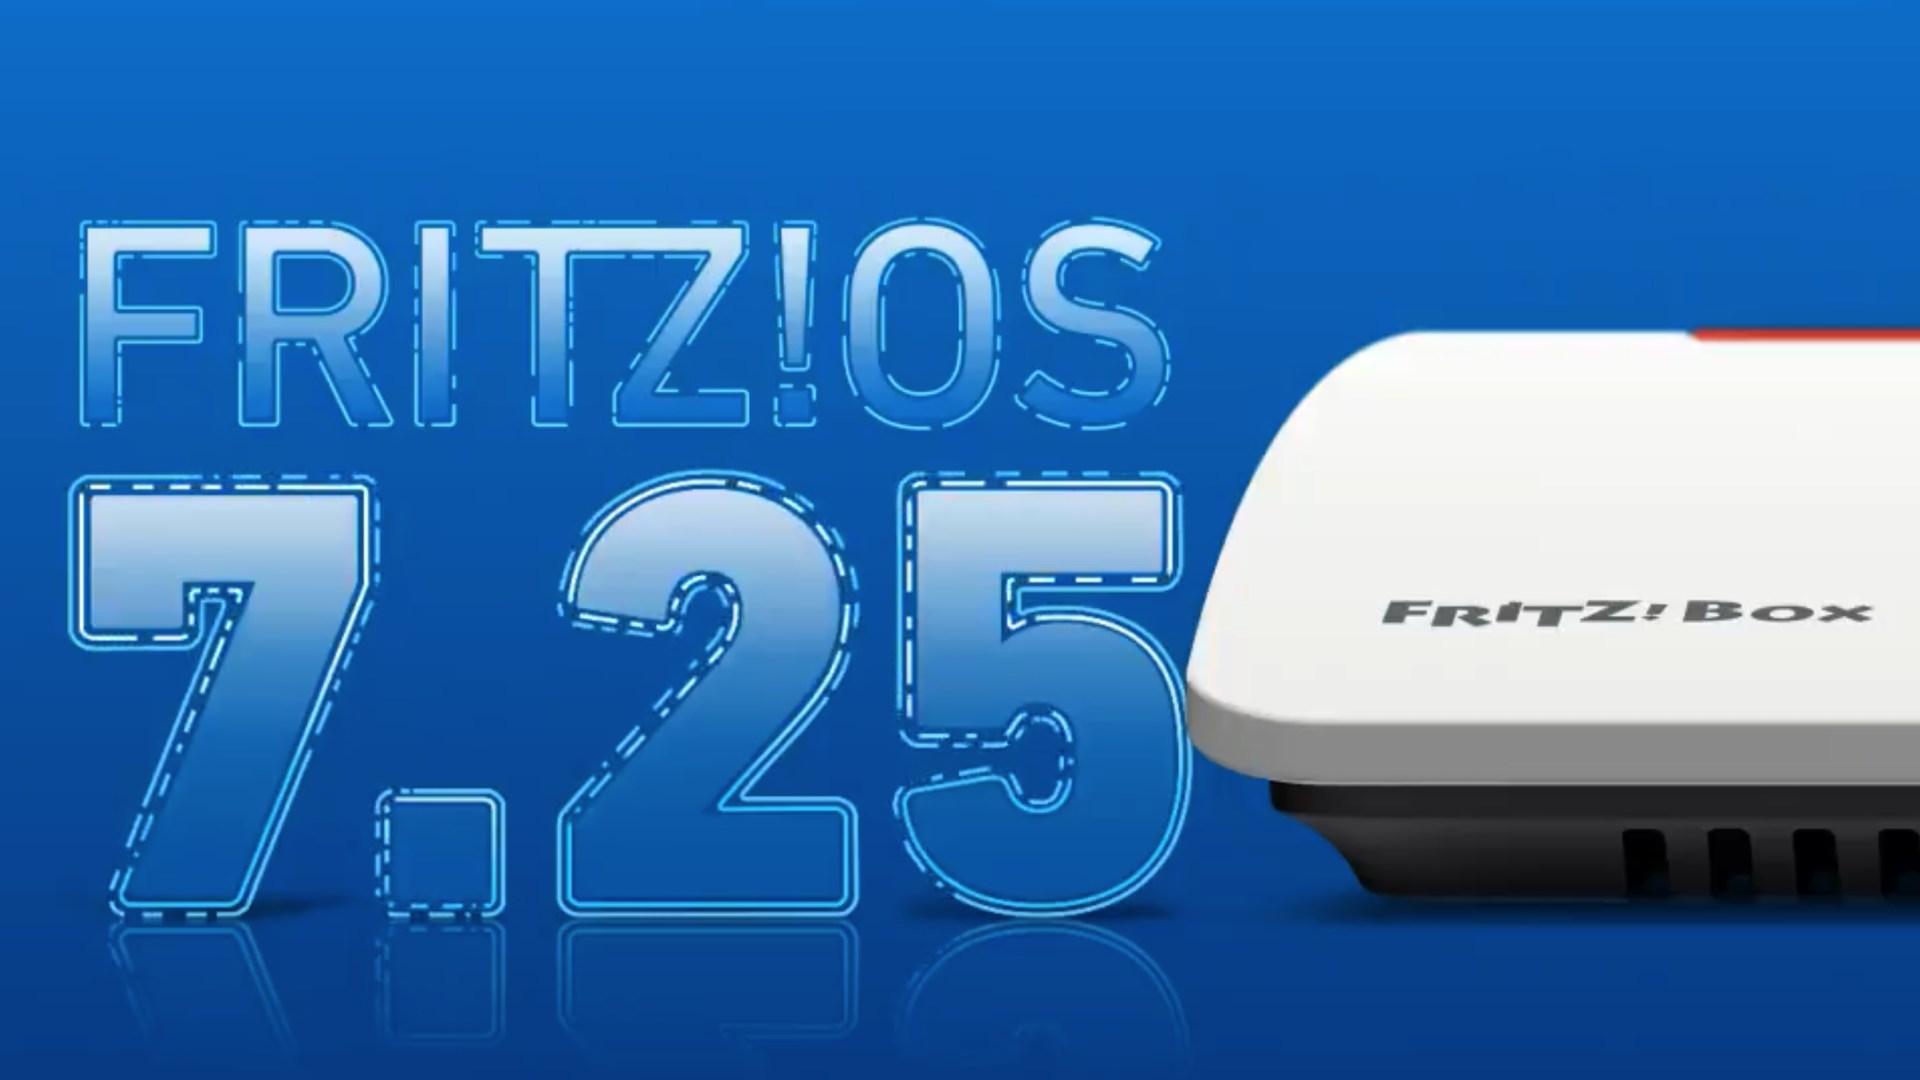 Router, Netzwerk, Avm, Fritzbox, FritzOS, Fritz, wlan-router, Mesh, FritzBox 7590, FritzOS 7.25